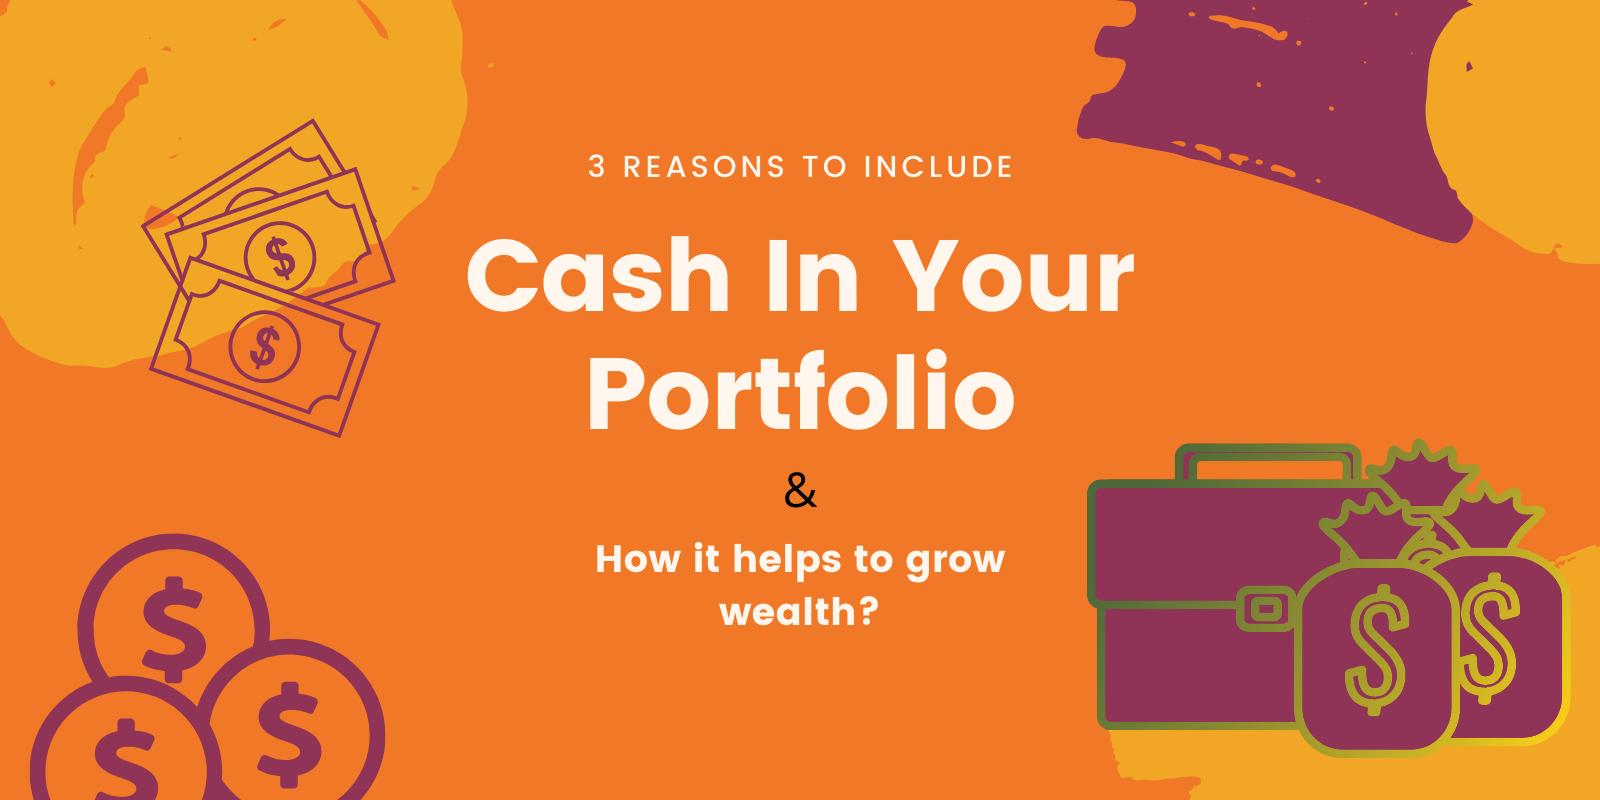 Cash In Your Portfolio